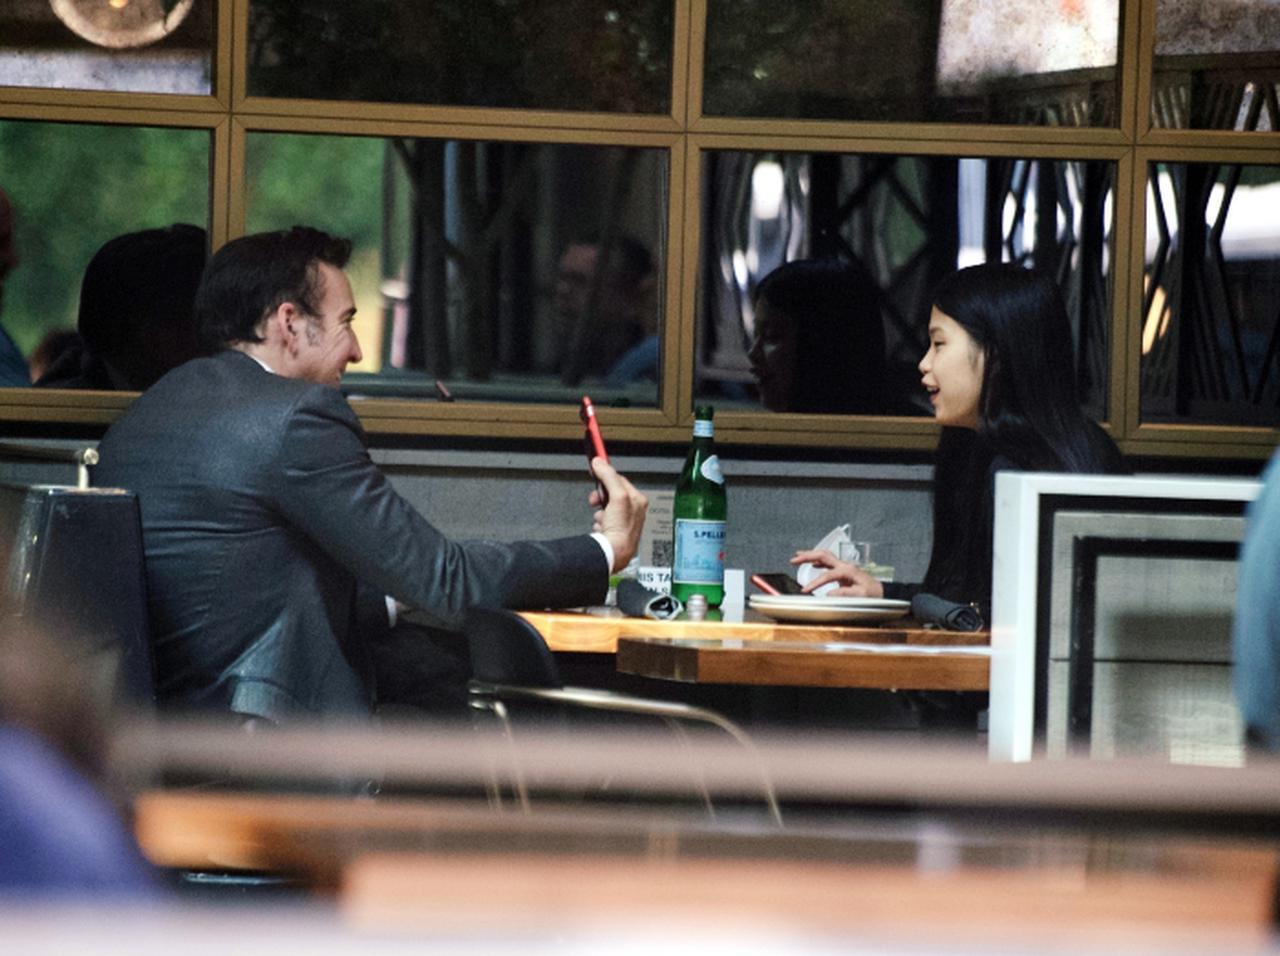 画像: ニコラス・ケイジ、日本人妻を「一流セレブにしかできないデート」でおもてなし - フロントロウ -海外セレブ&海外カルチャー情報を発信